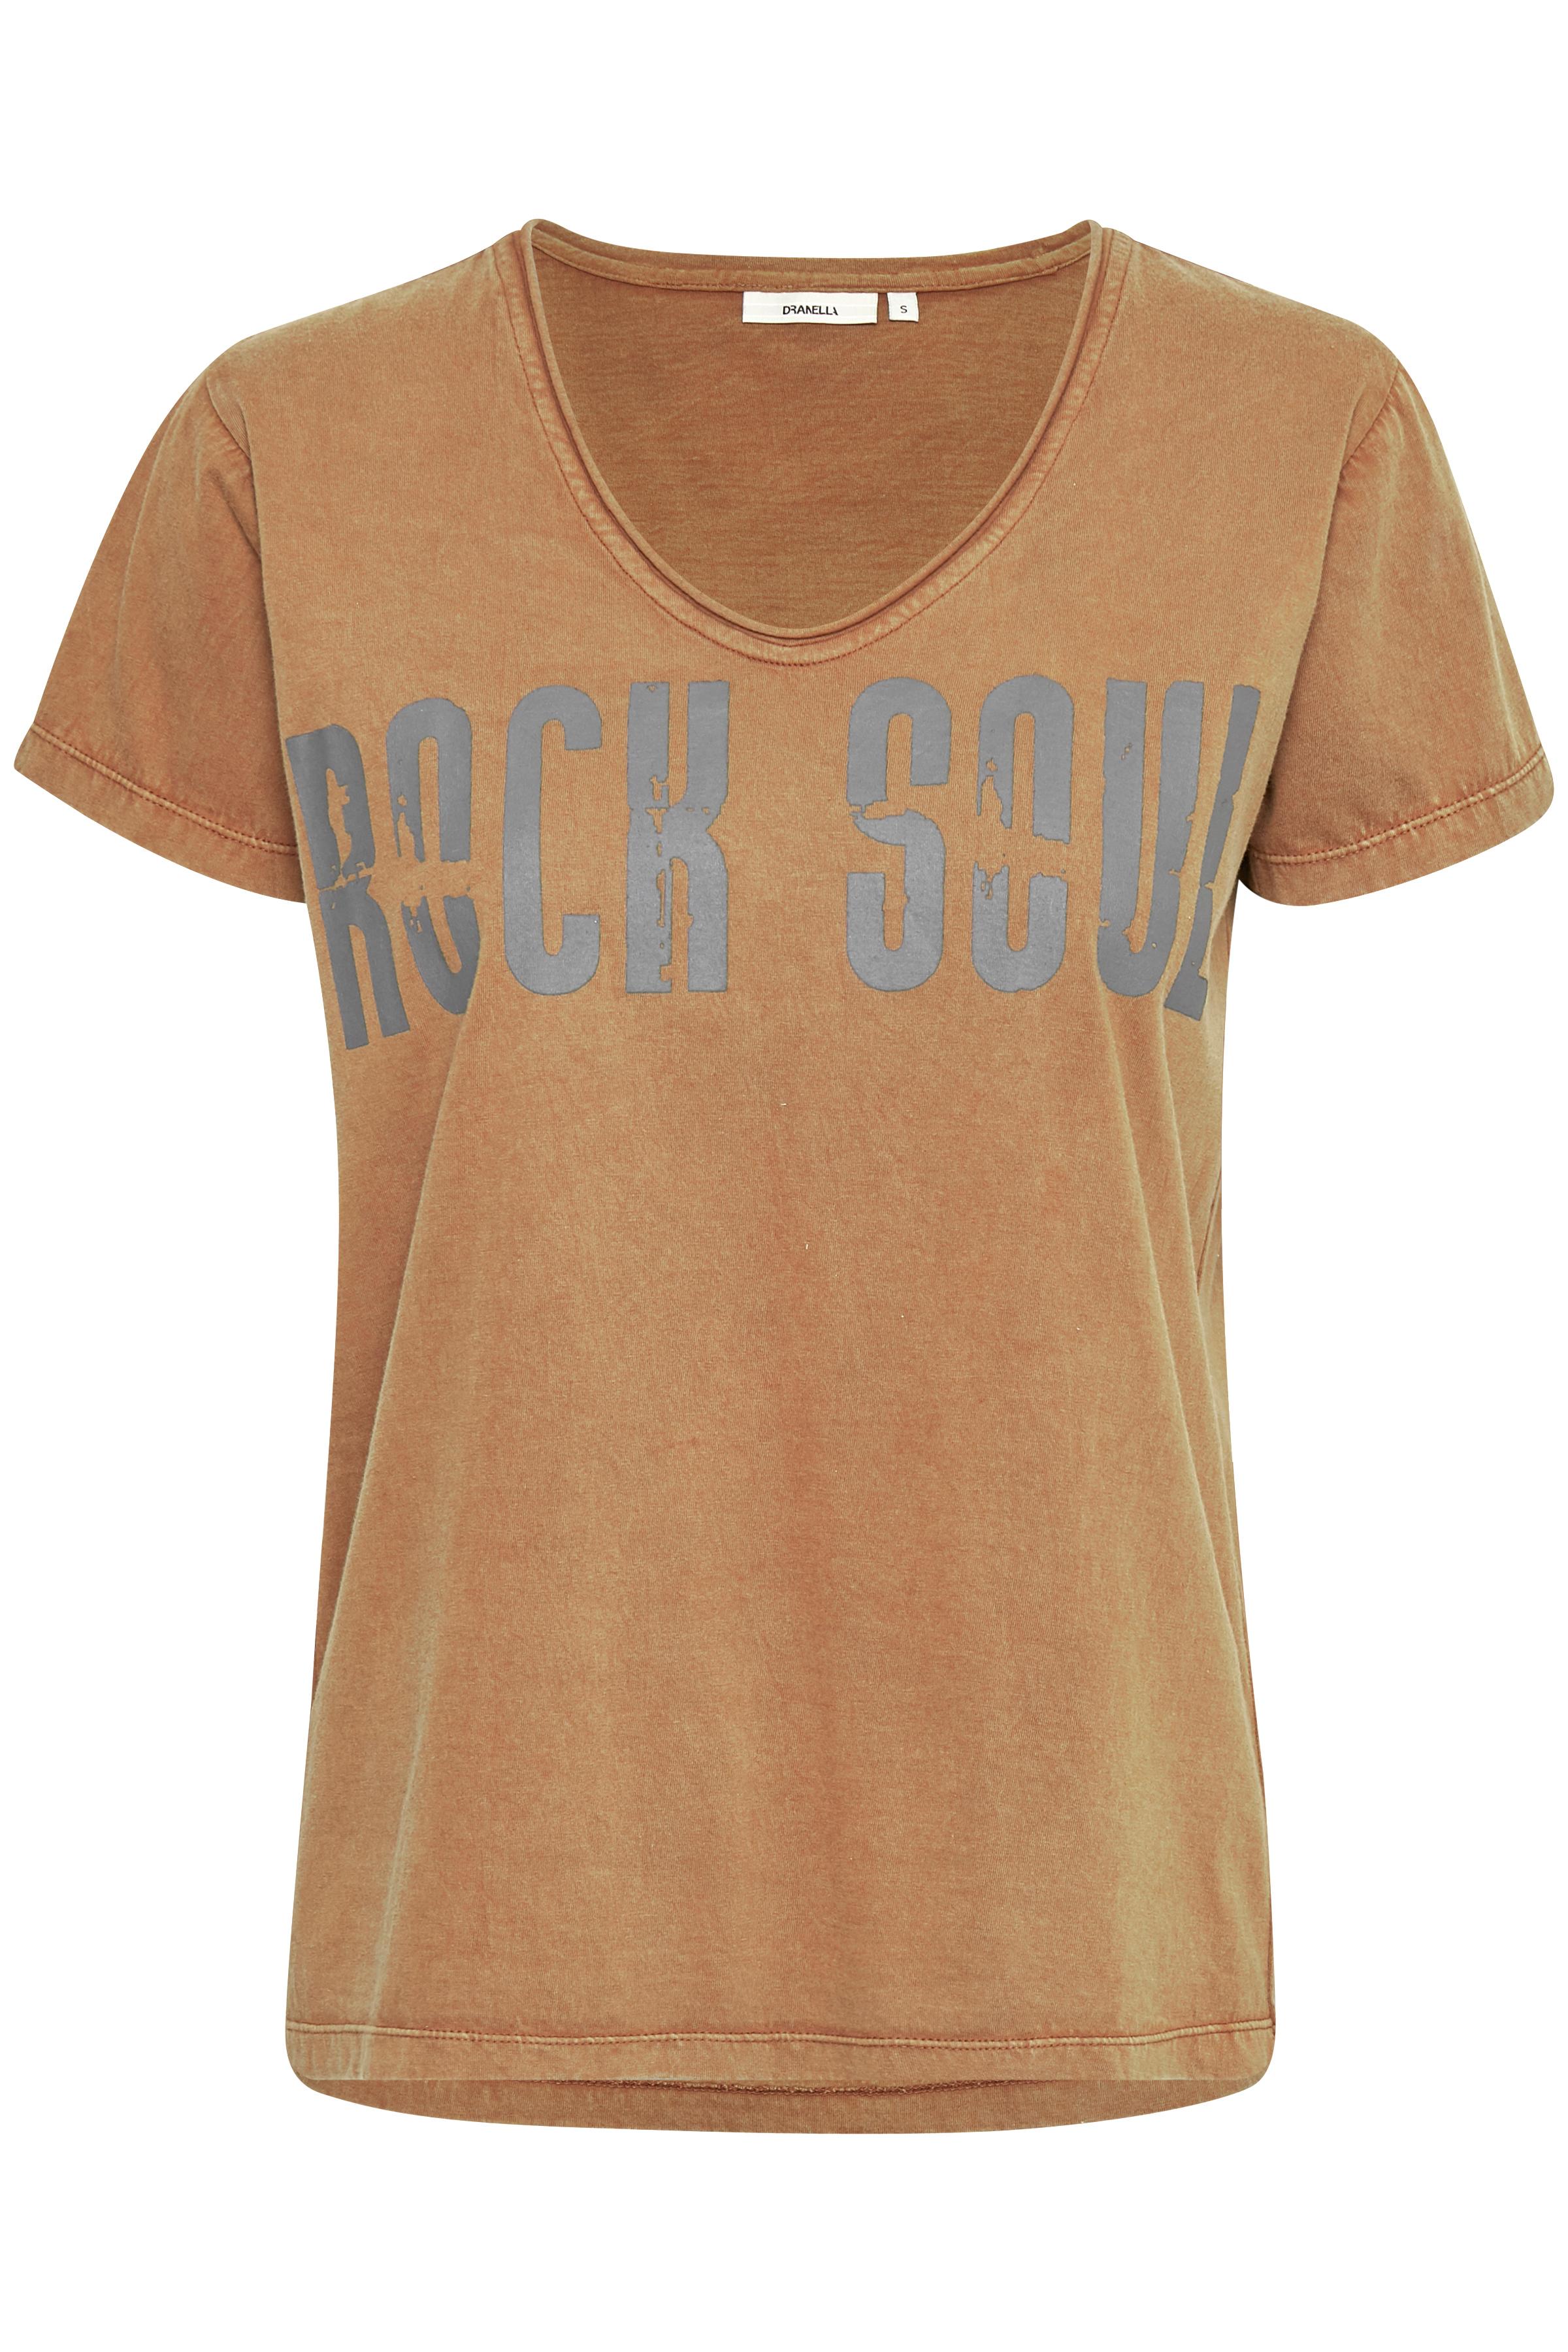 Dunkelsand Kurzarm T-Shirt von Dranella – Shoppen Sie Dunkelsand Kurzarm T-Shirt ab Gr. XS-XXL hier